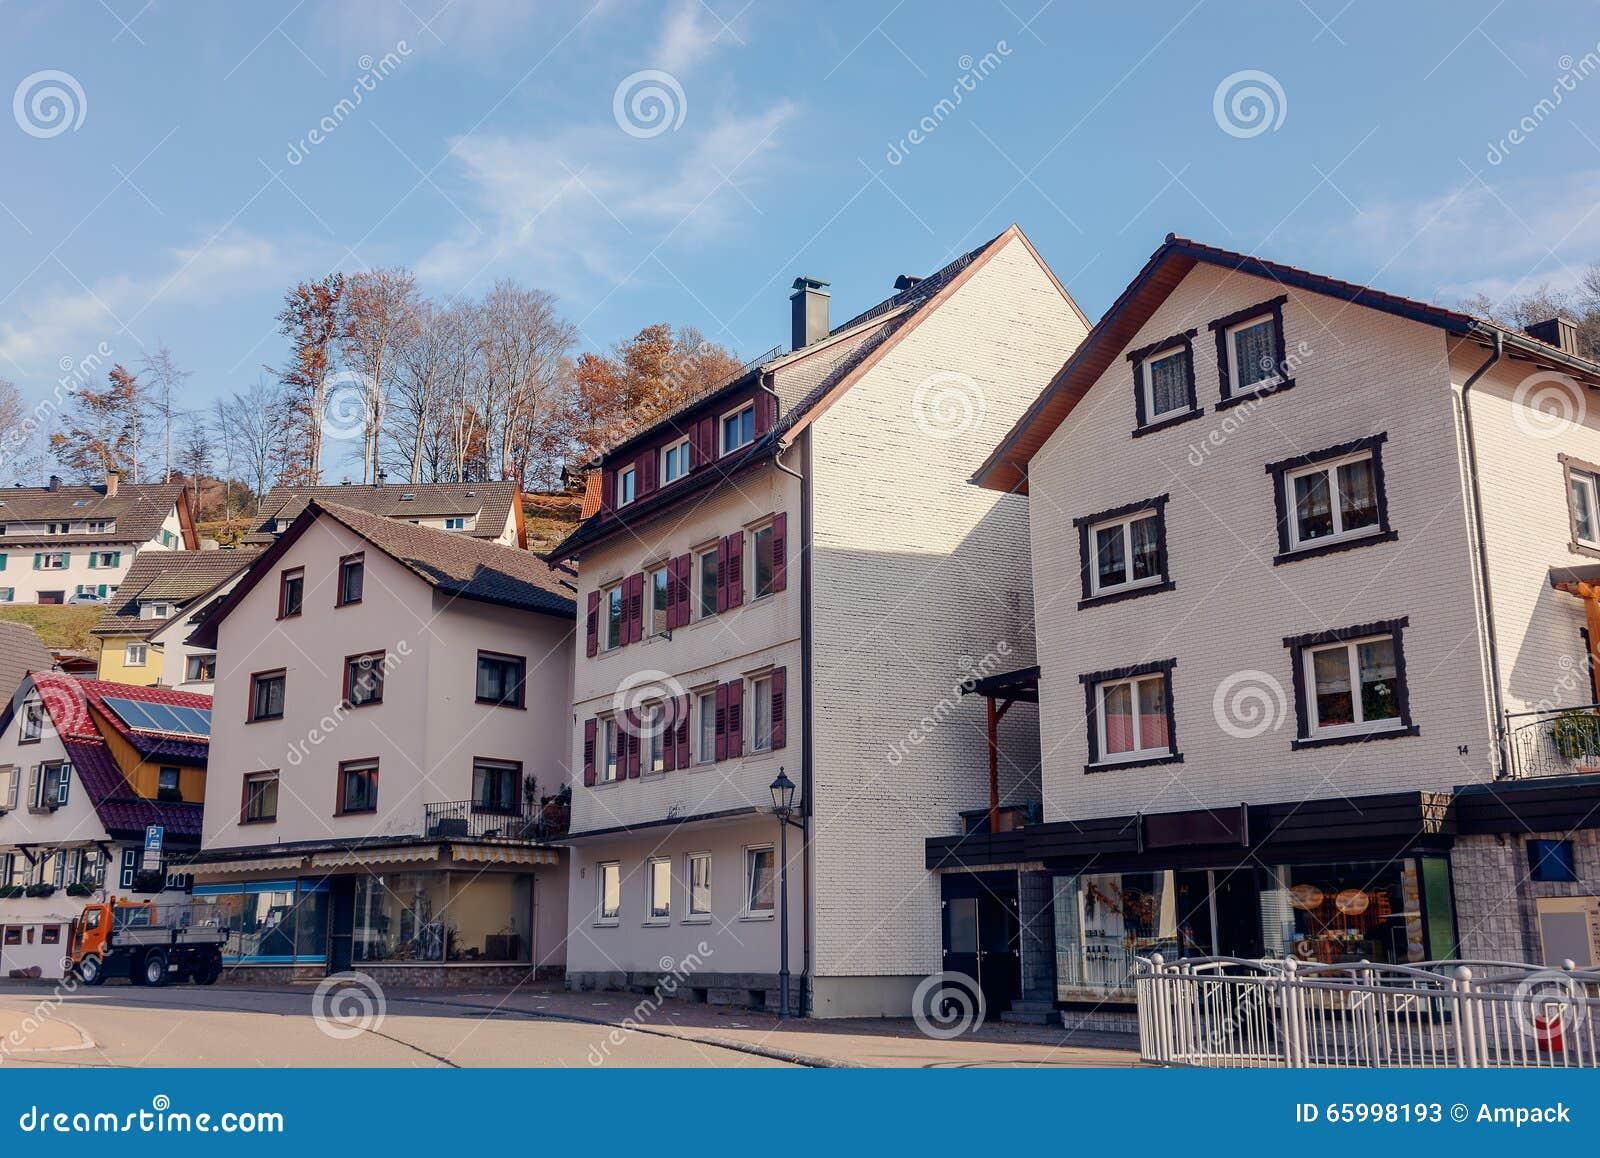 Villaggio tipico e autentico con la campagna accogliente for Prezzi delle case di campagna